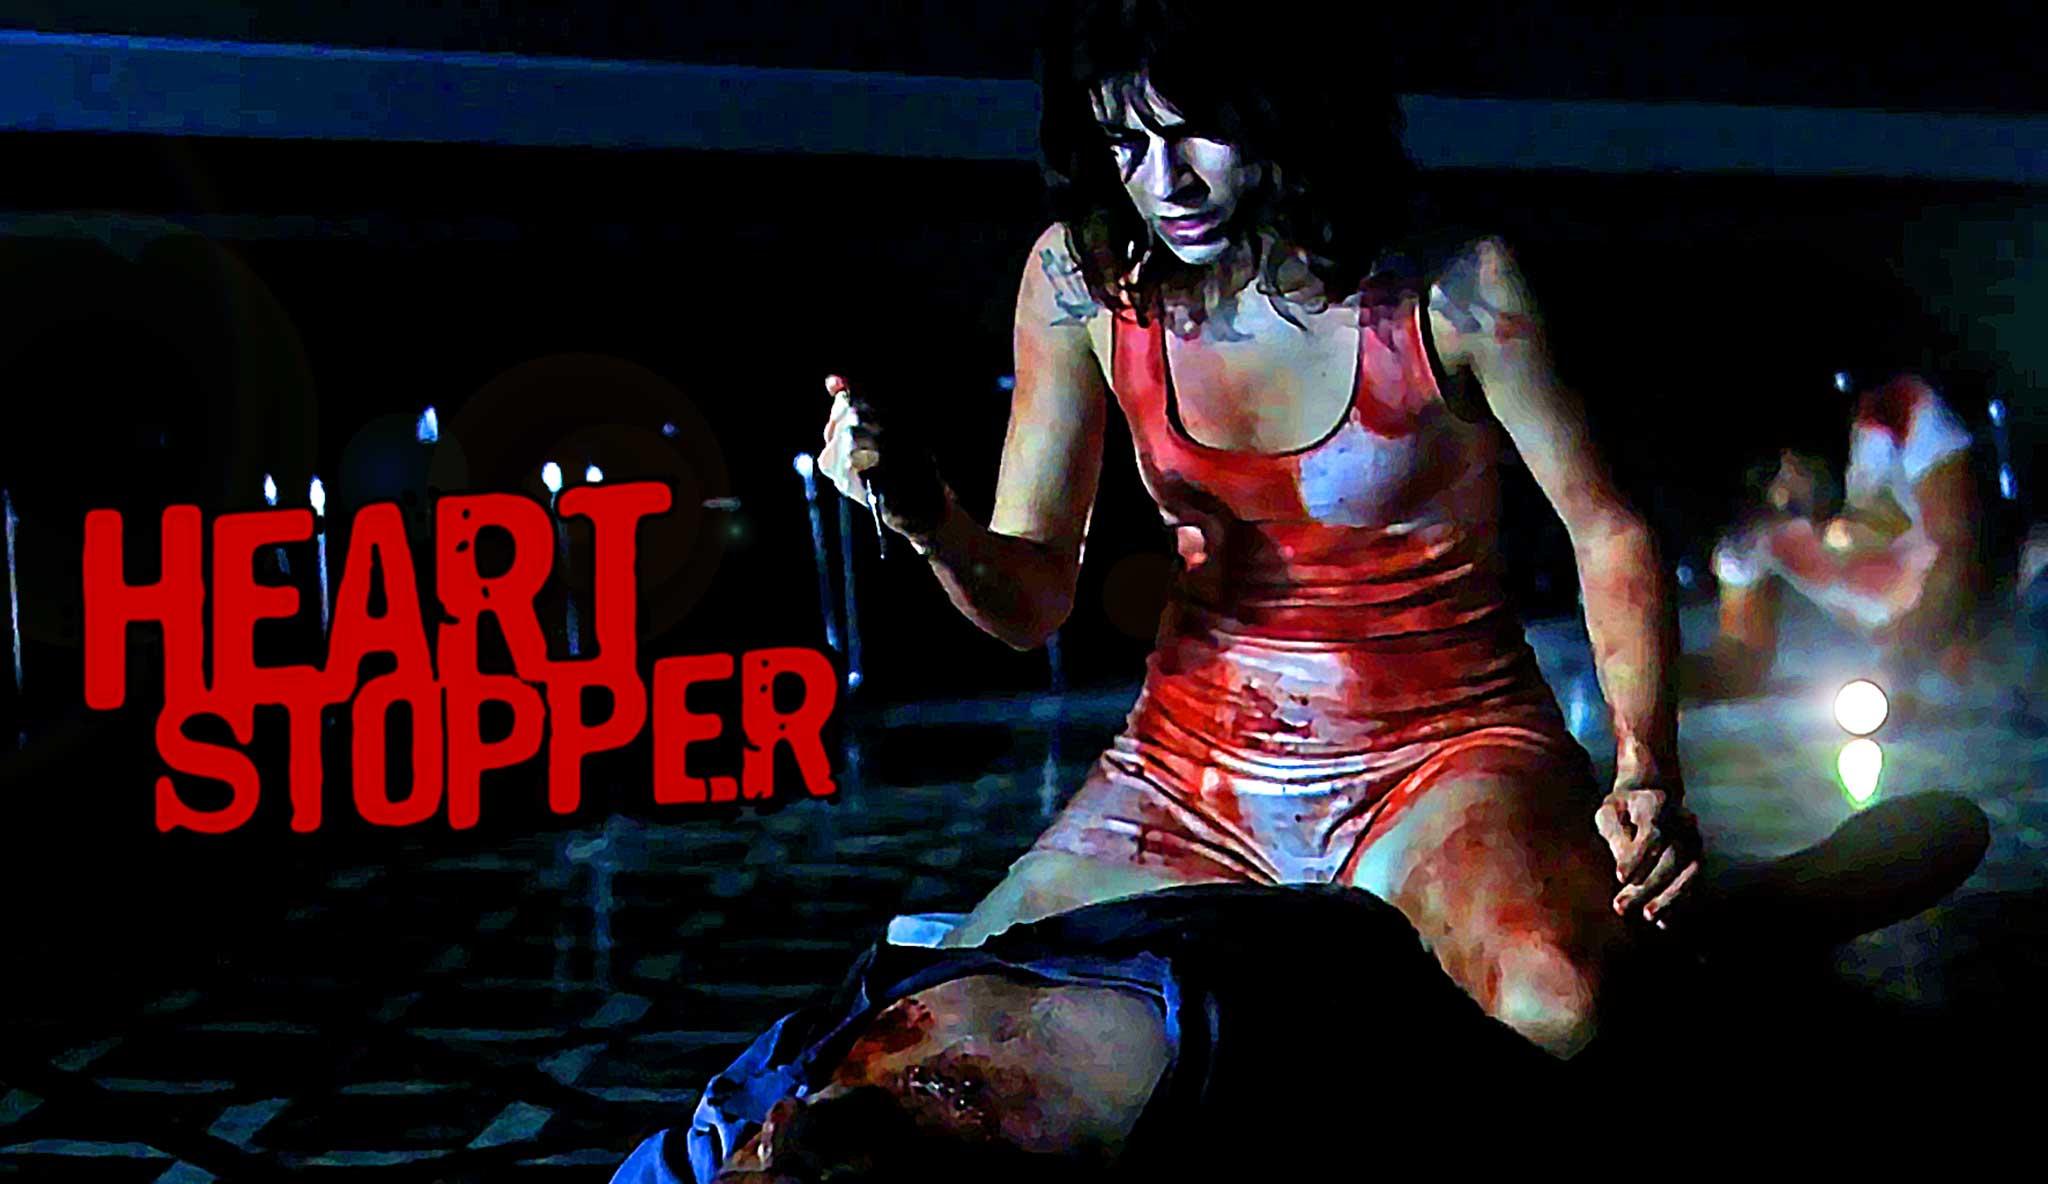 heartstopper\header.jpg